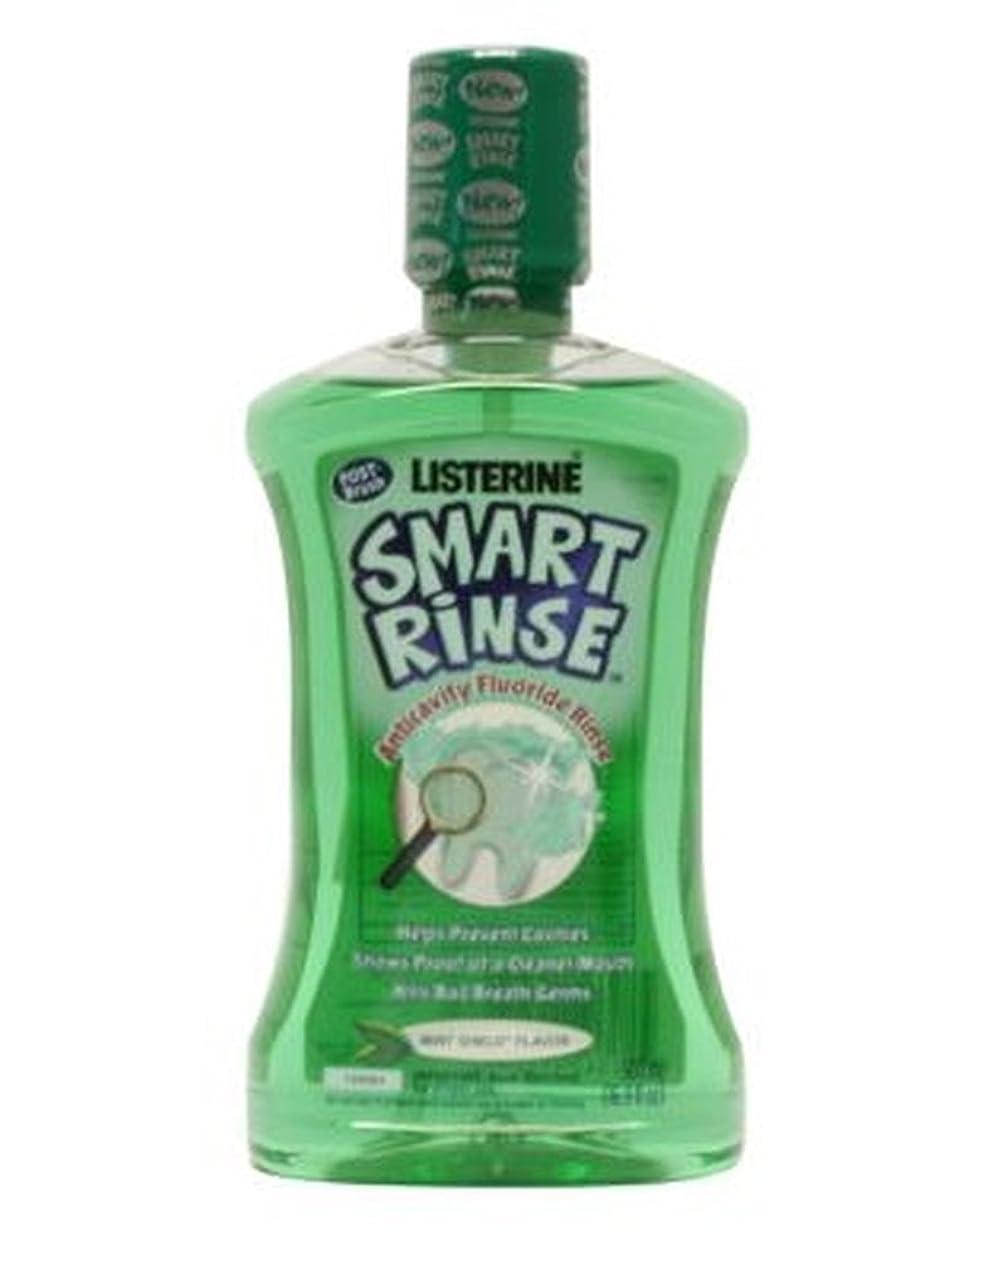 チャペル可聴性別Listerine Smart Rinse Mint Mouthwash For Children 500ml - 子供のためのリステリンスマートリンスミント洗口液500ミリリットル (Listerine) [並行輸入品]